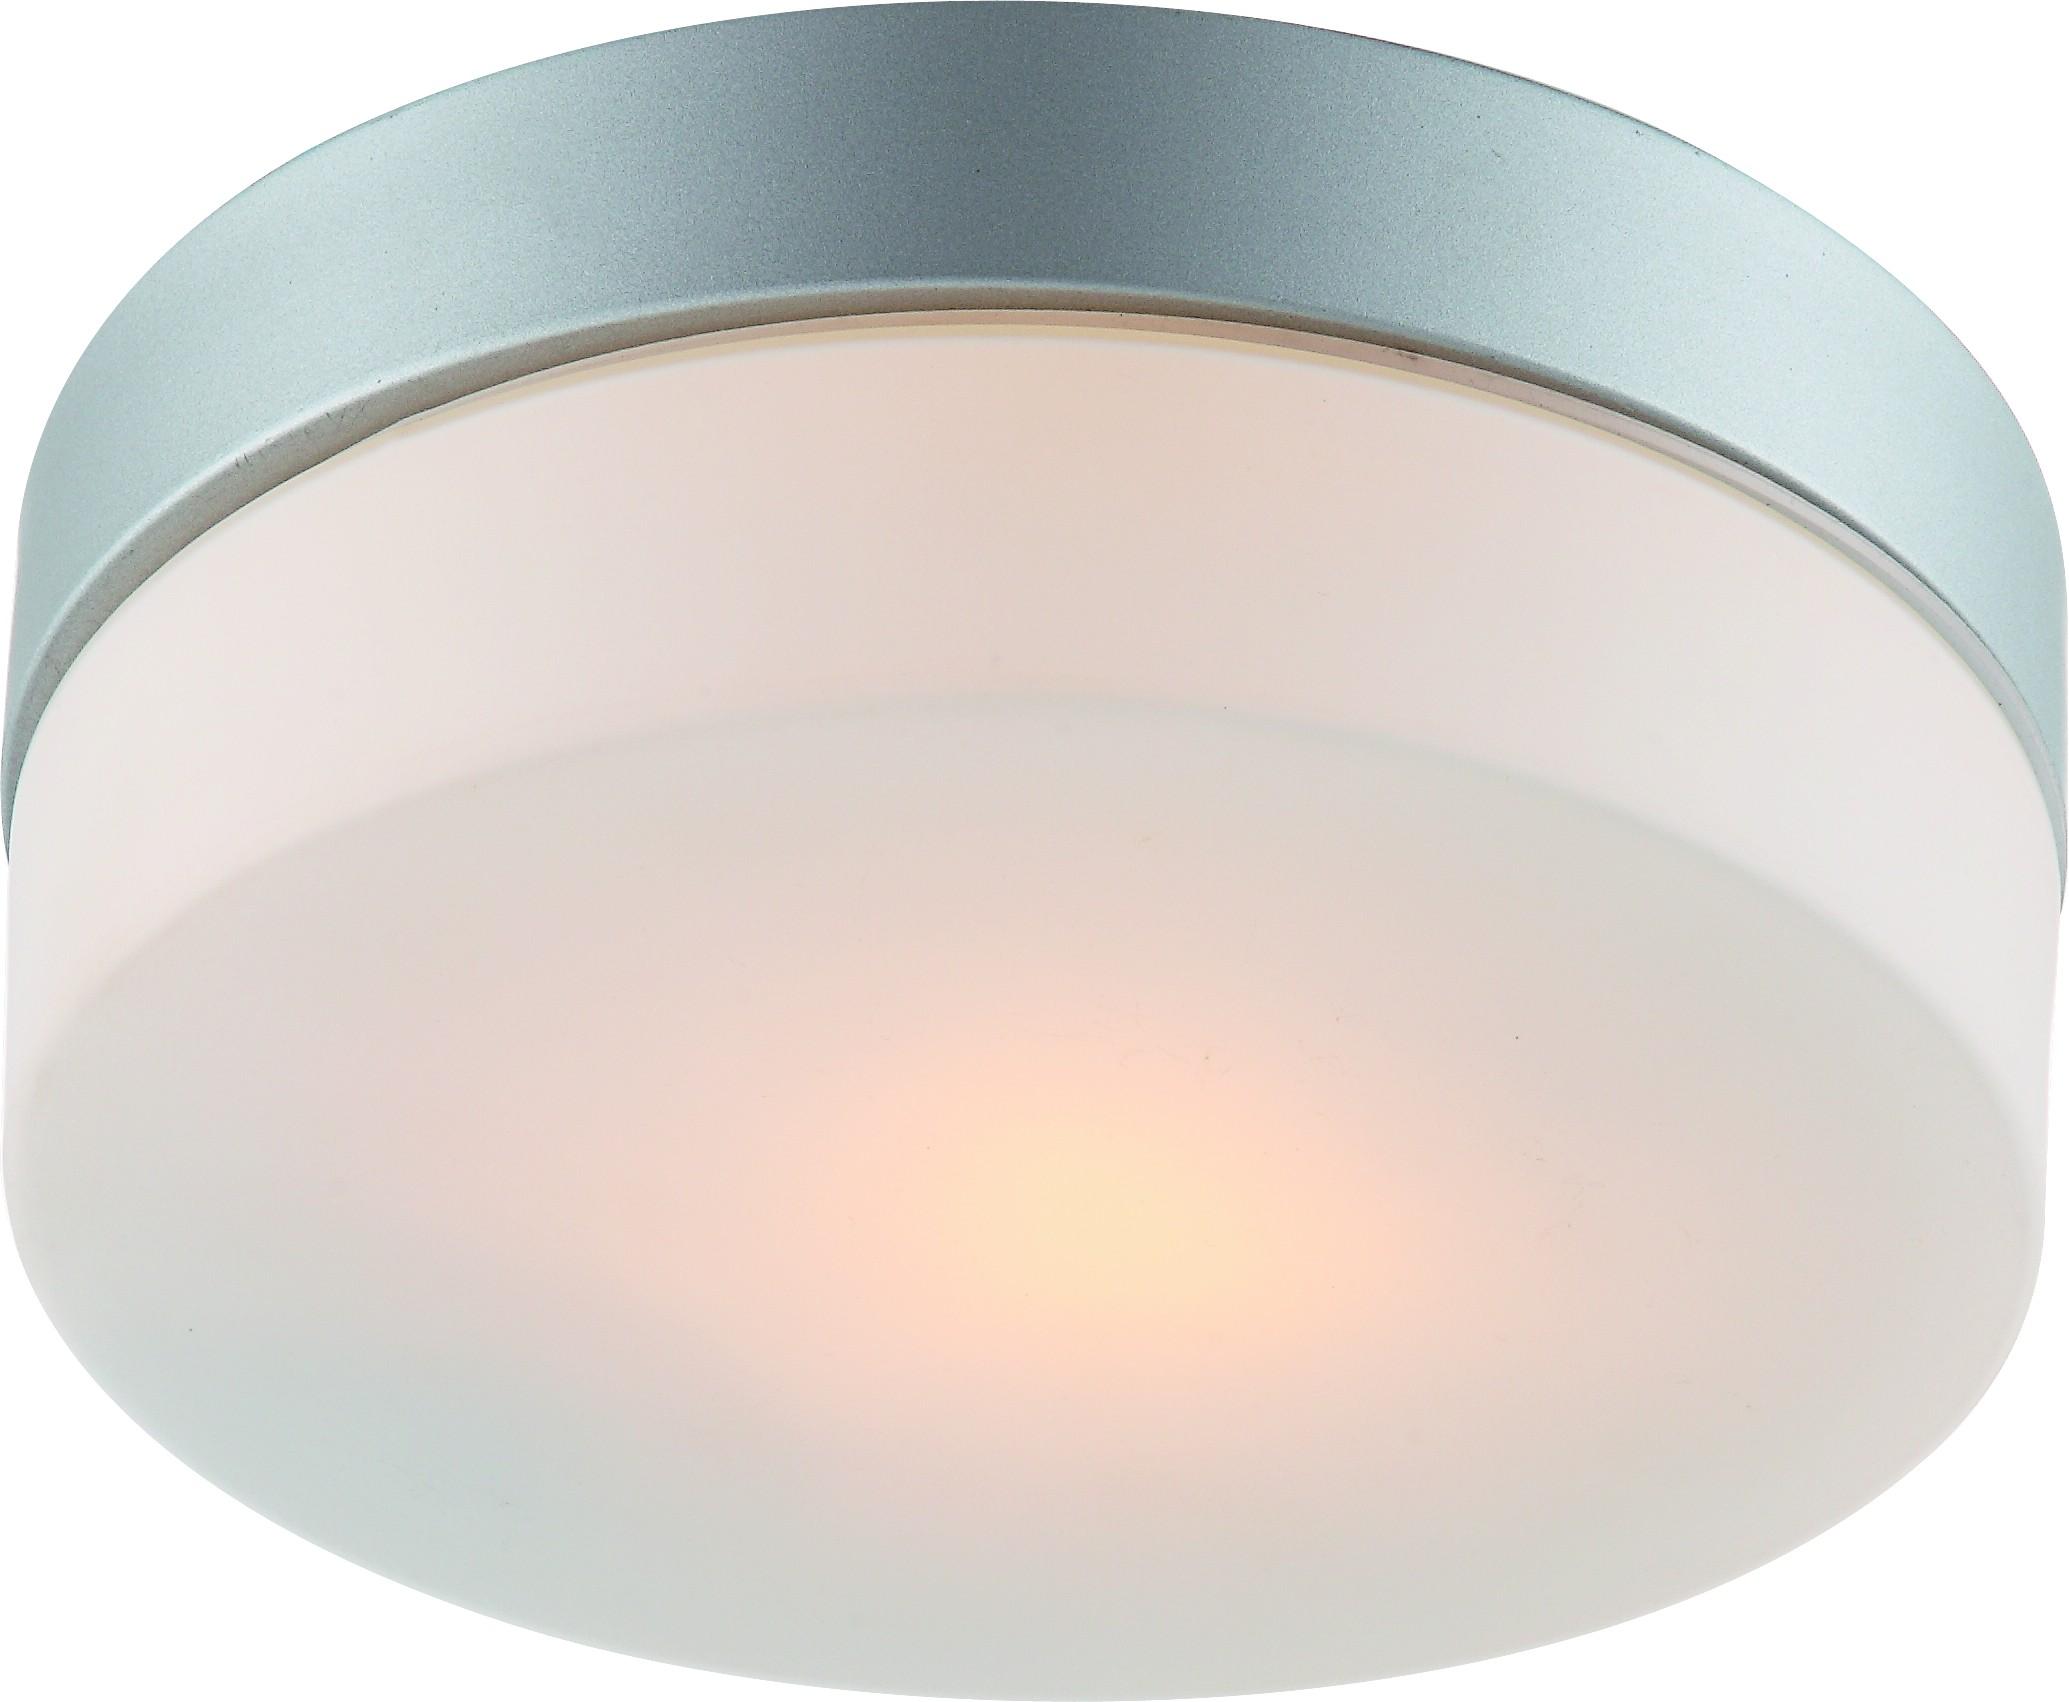 Светильник настенно-потолочный Arte lamp A3211pl-1si потолочный светильник shirp a3211pl 3wh arte lamp 1182062